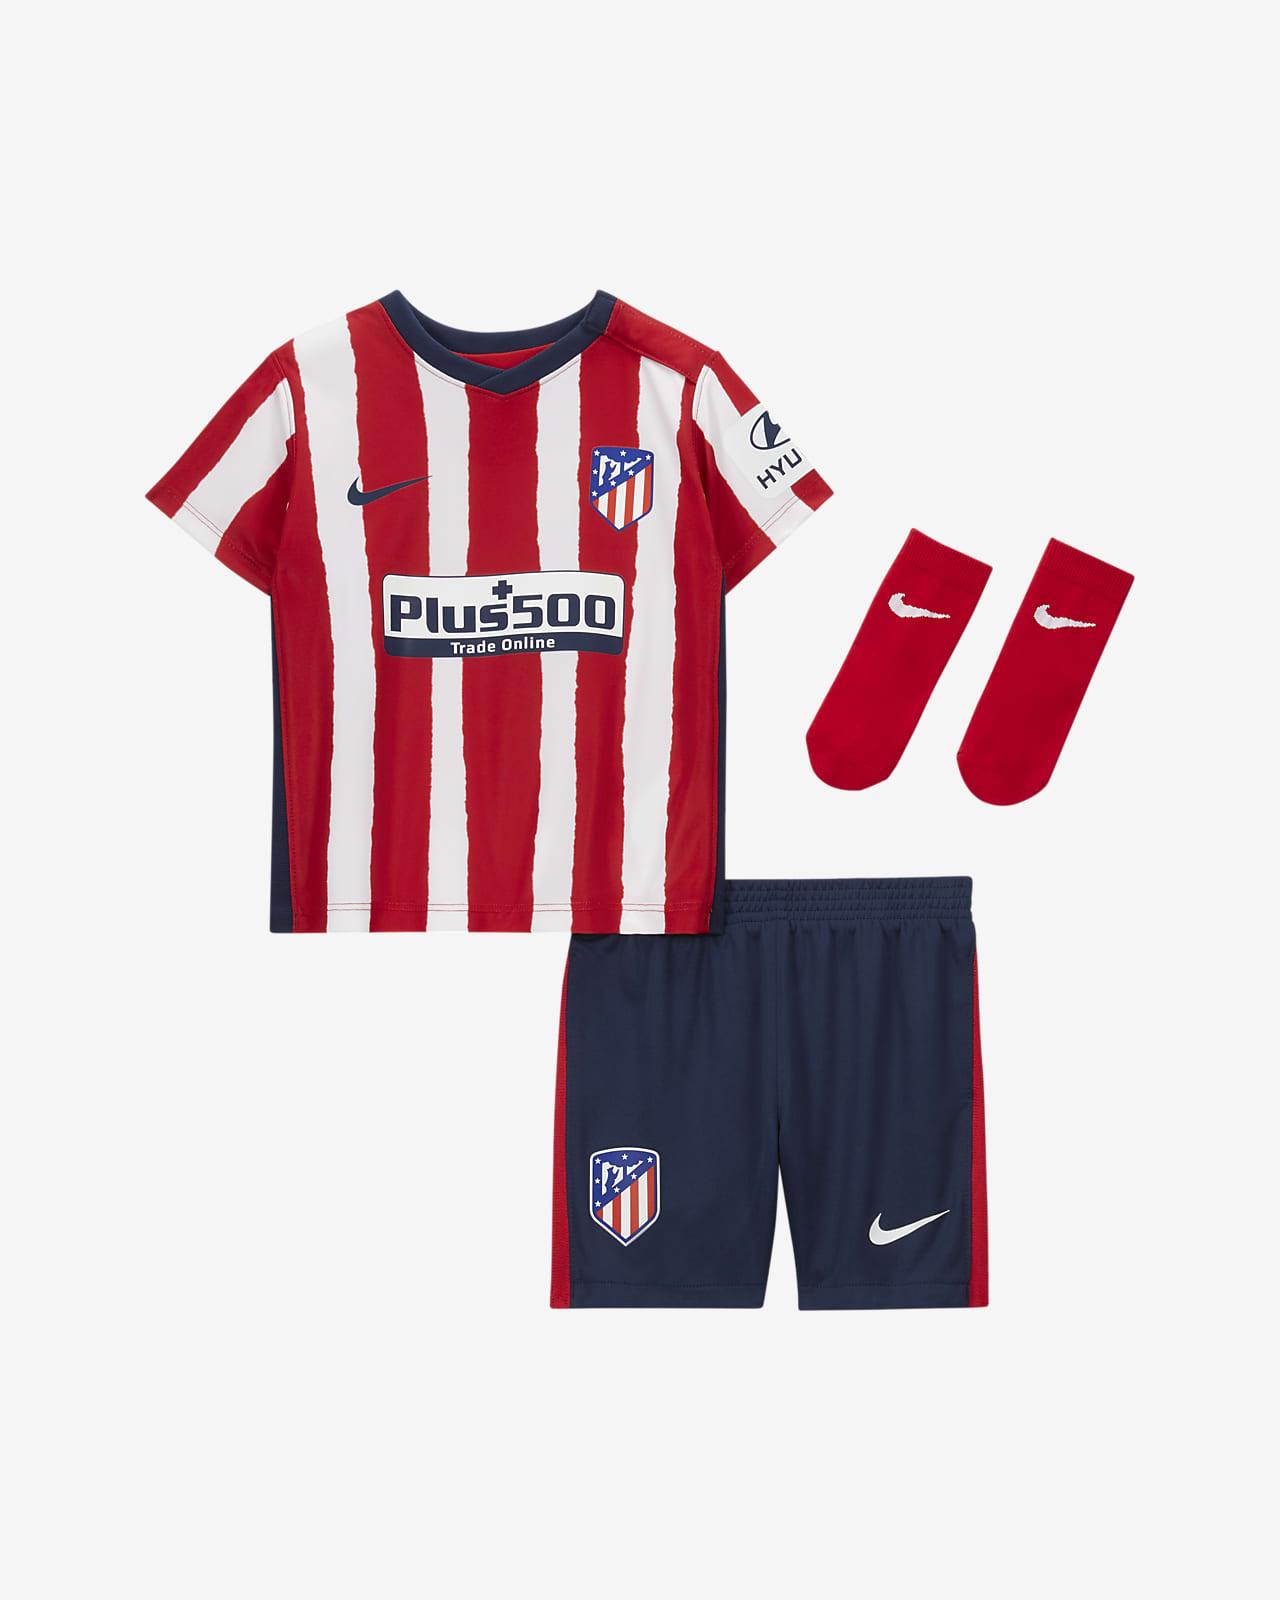 Футбольный комплект для малышей с символикой домашней формы ФК «Атлетико Мадрид» 2020/21